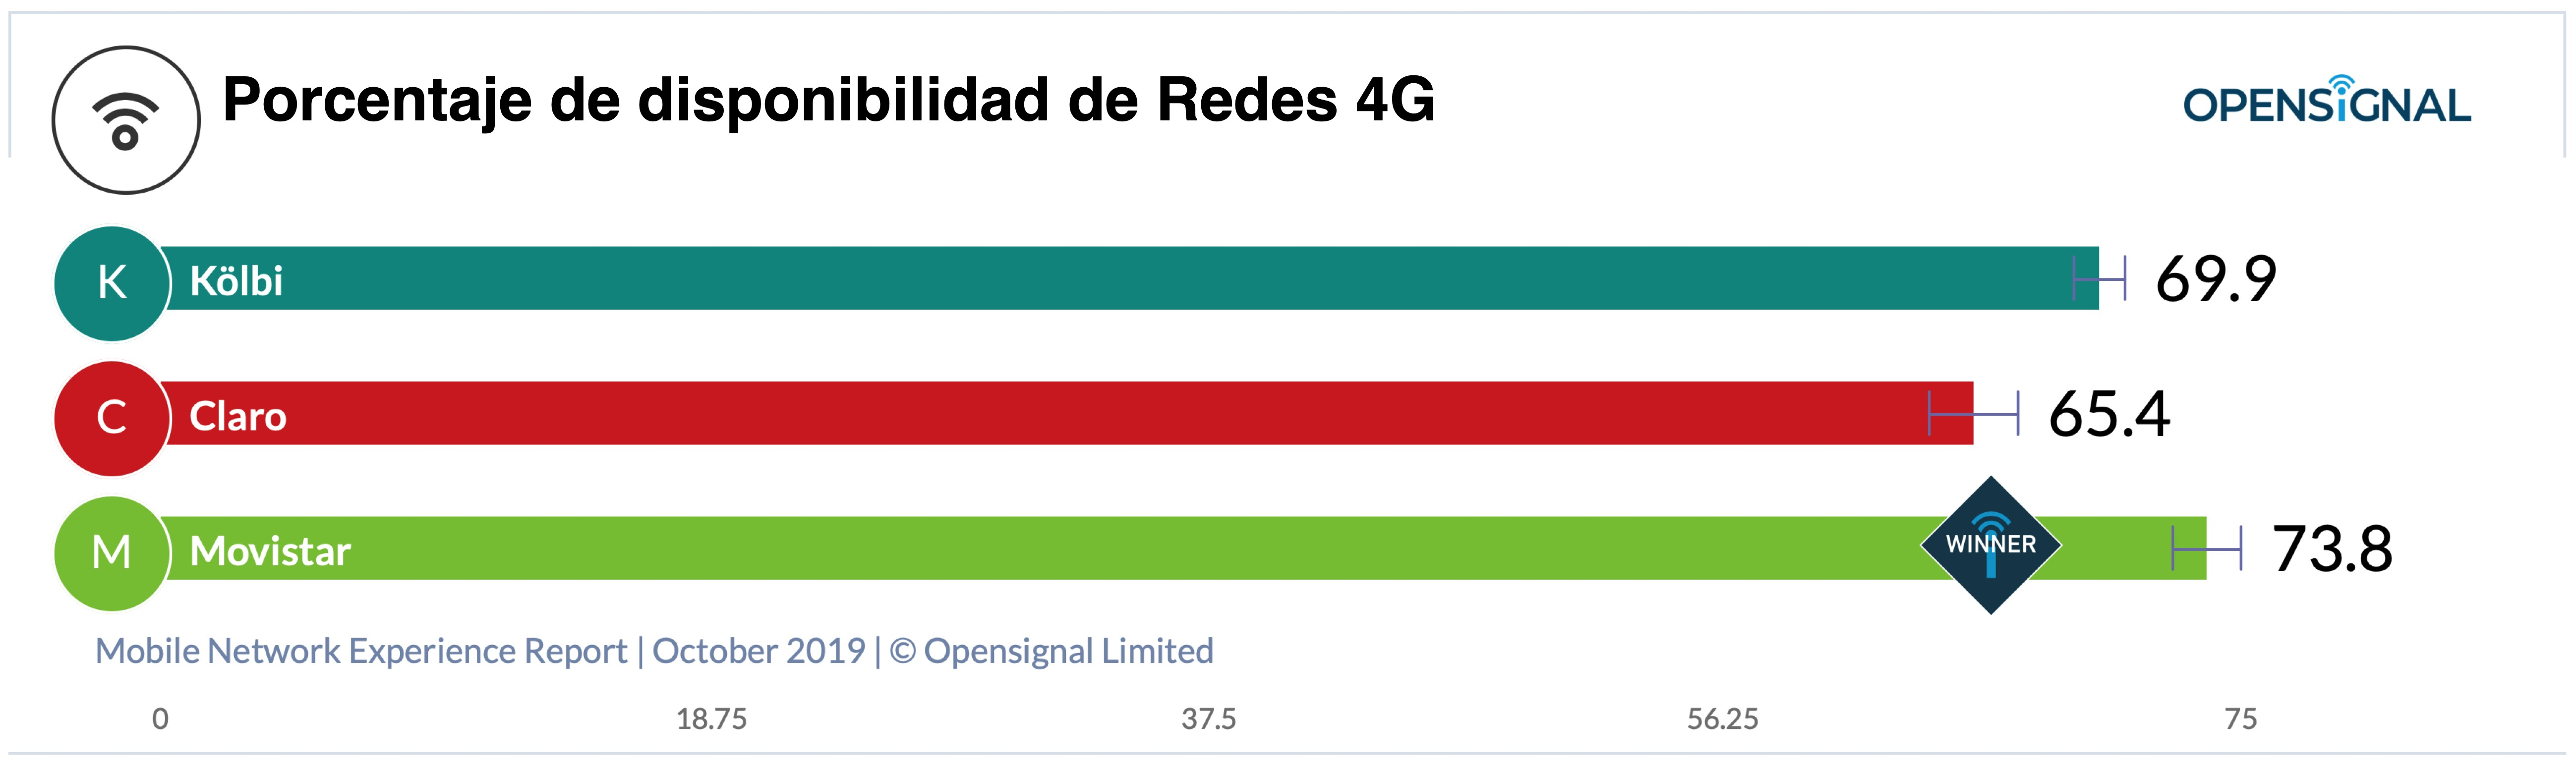 Gráfico disponibilidad redes 4G